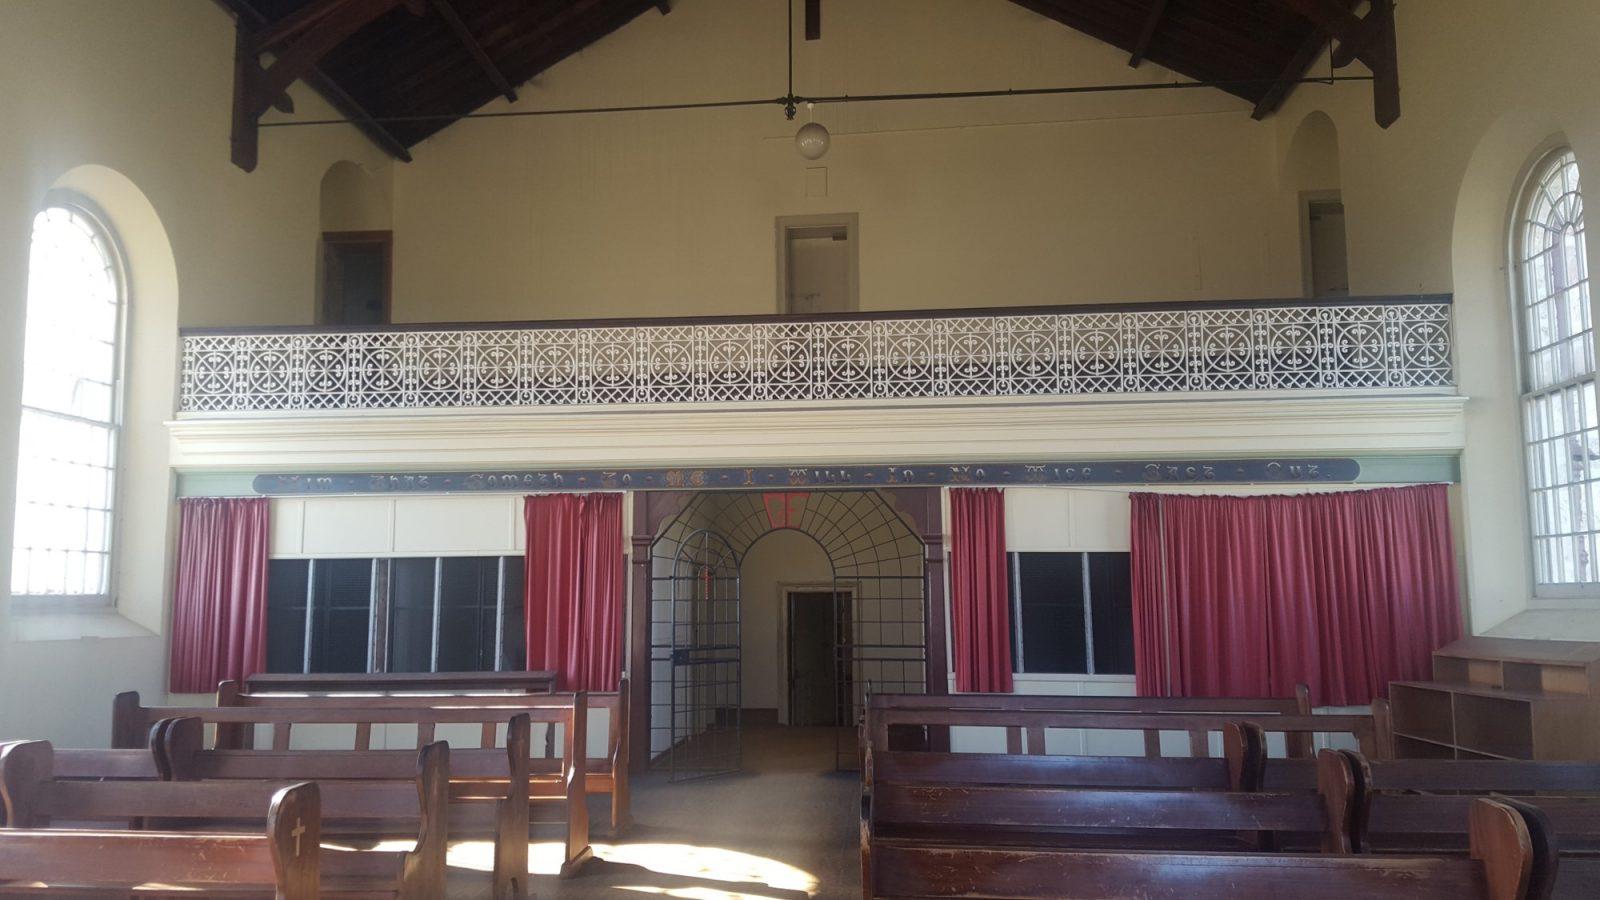 Chapelle prison Fremantle